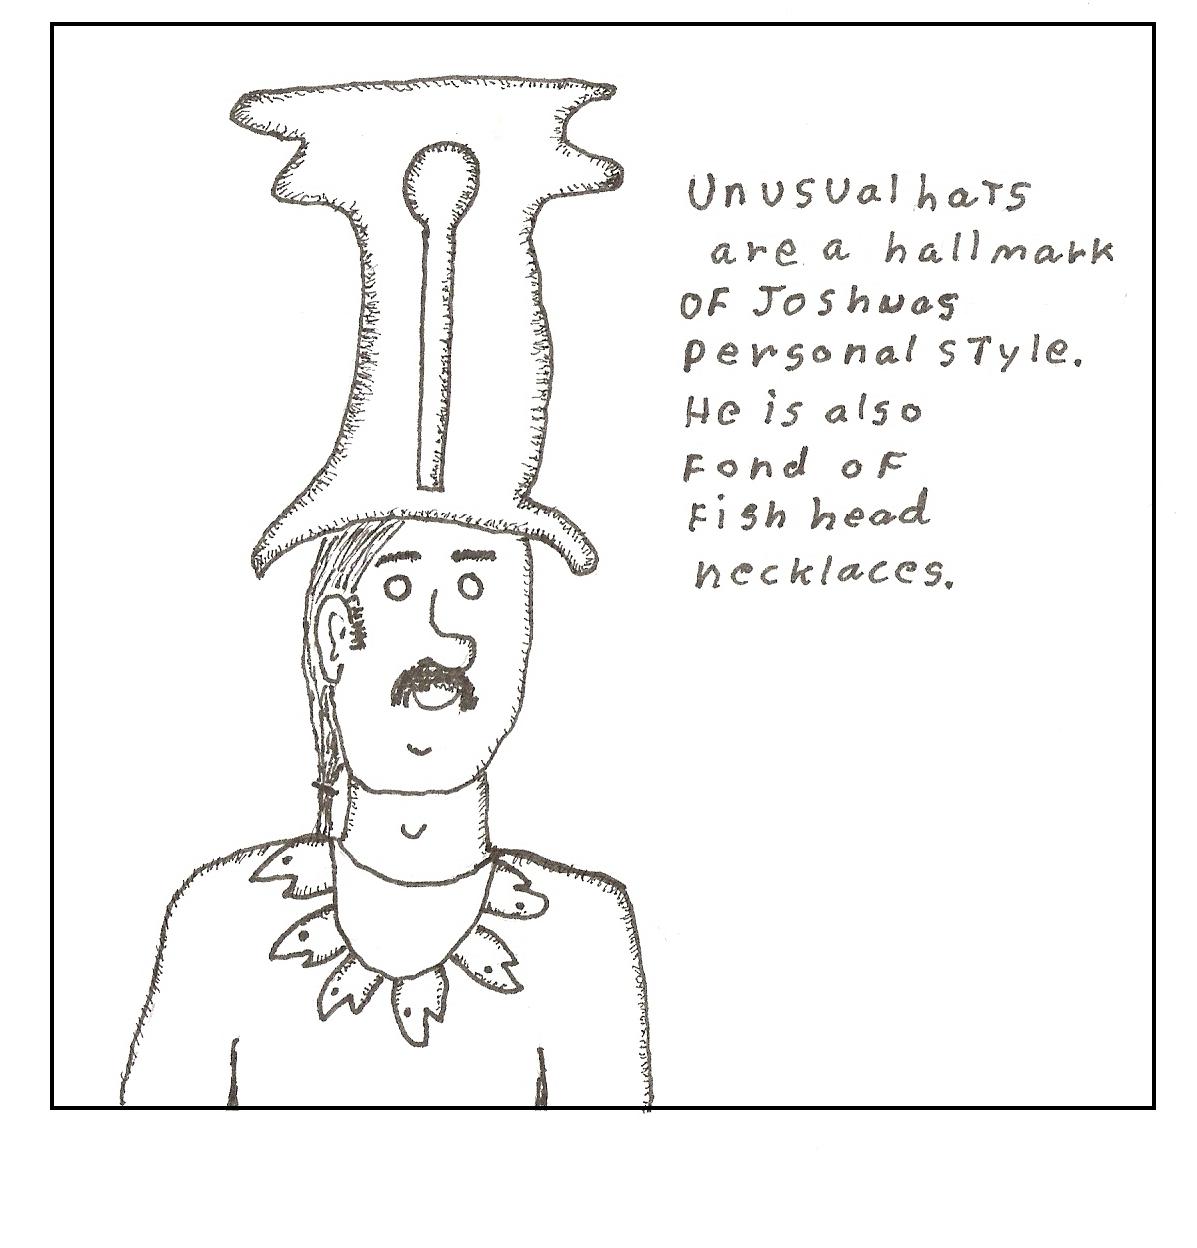 Unusual Hats